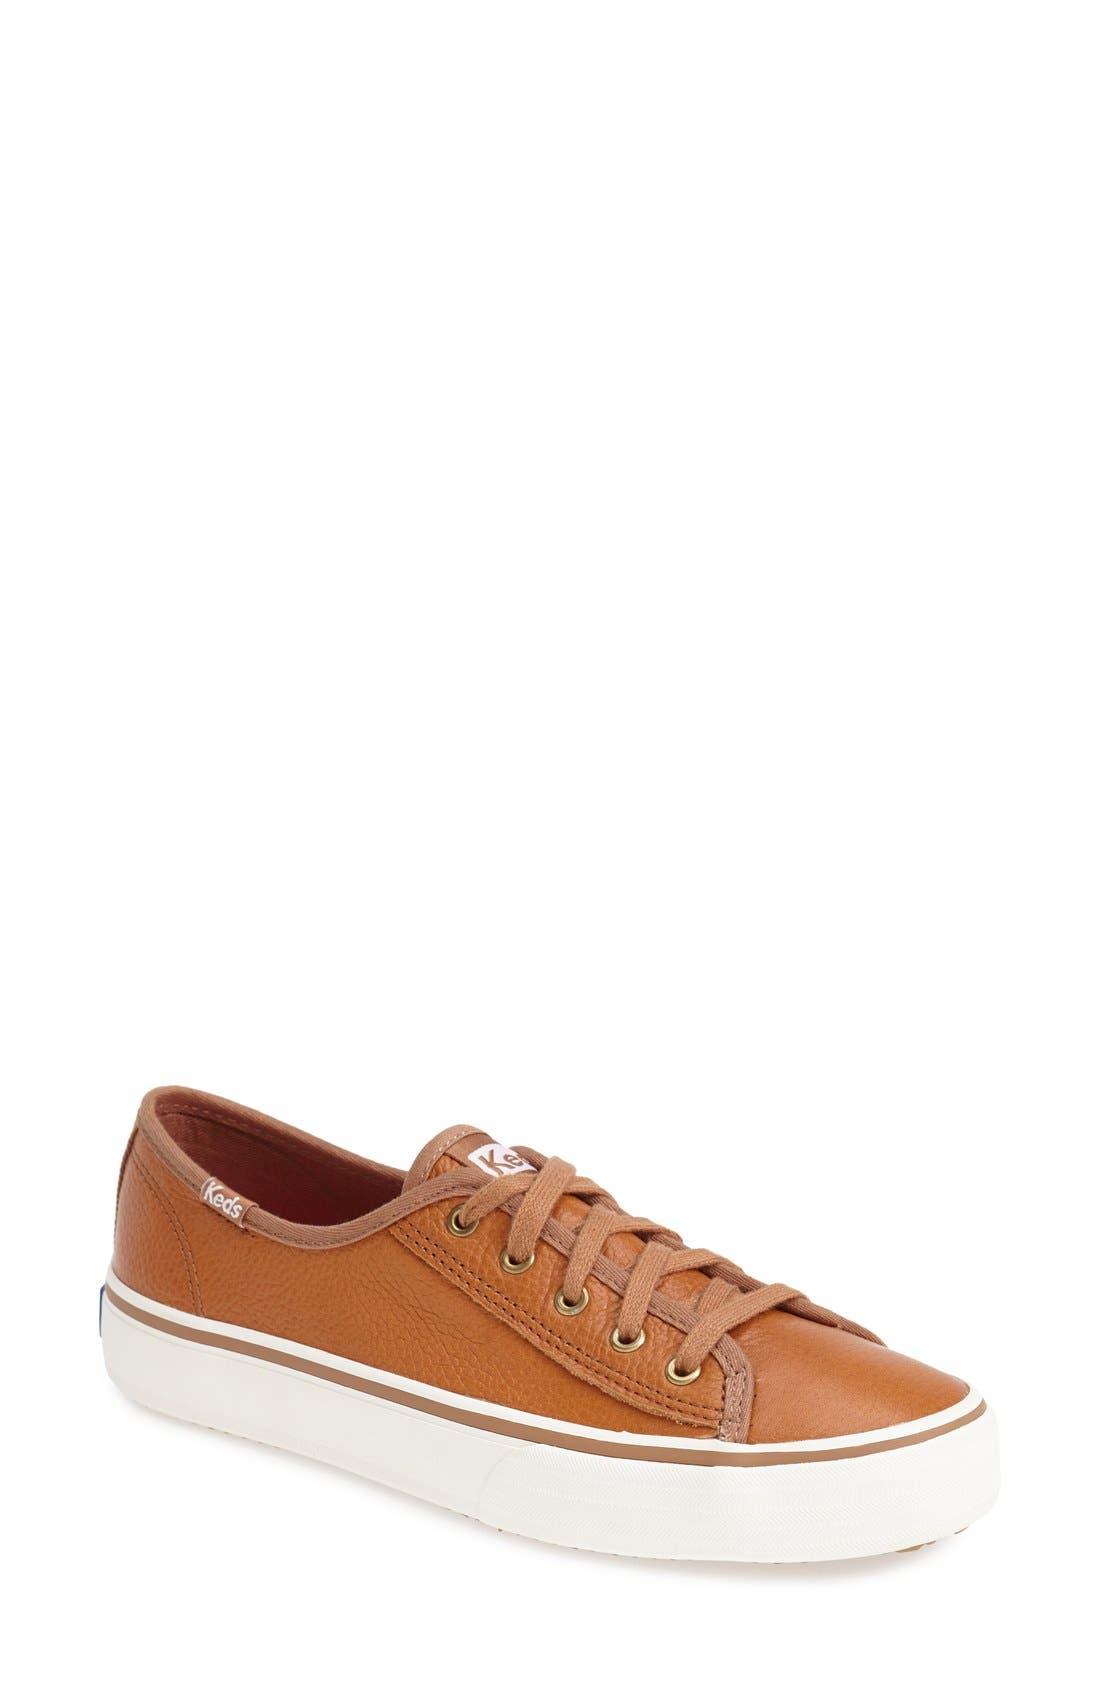 Main Image - Keds® 'Crashback - Double Up Leather' Sneaker (Women)